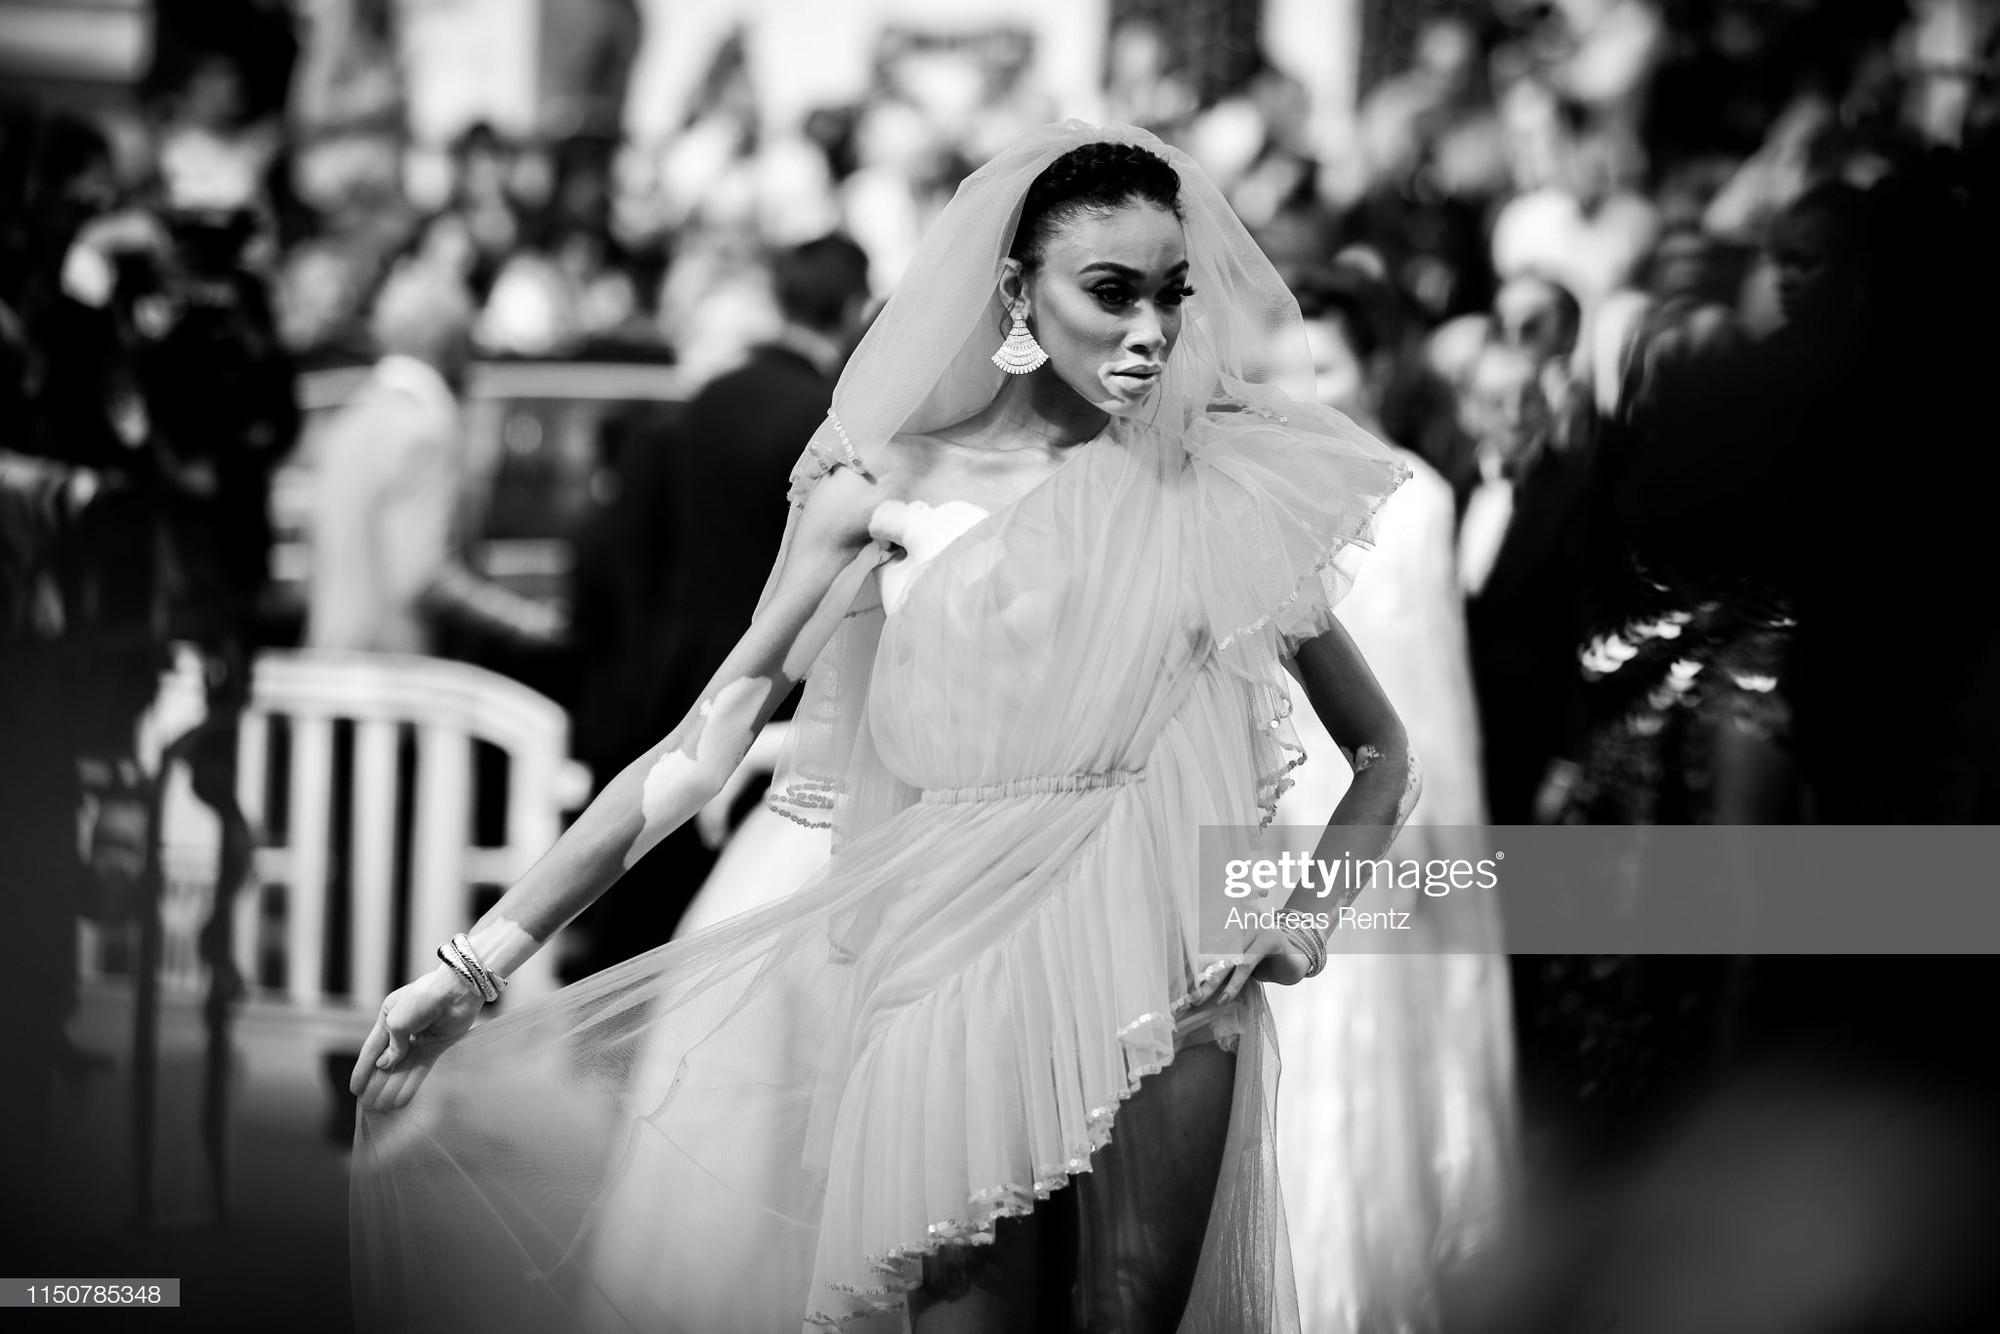 Top khoảnh khắc đắt giá nhất Cannes 2019: Dàn mỹ nhân 9X bất ngờ chiếm đa số, Selena và cặp đôi Brooklyn ấn tượng mạnh - Ảnh 19.